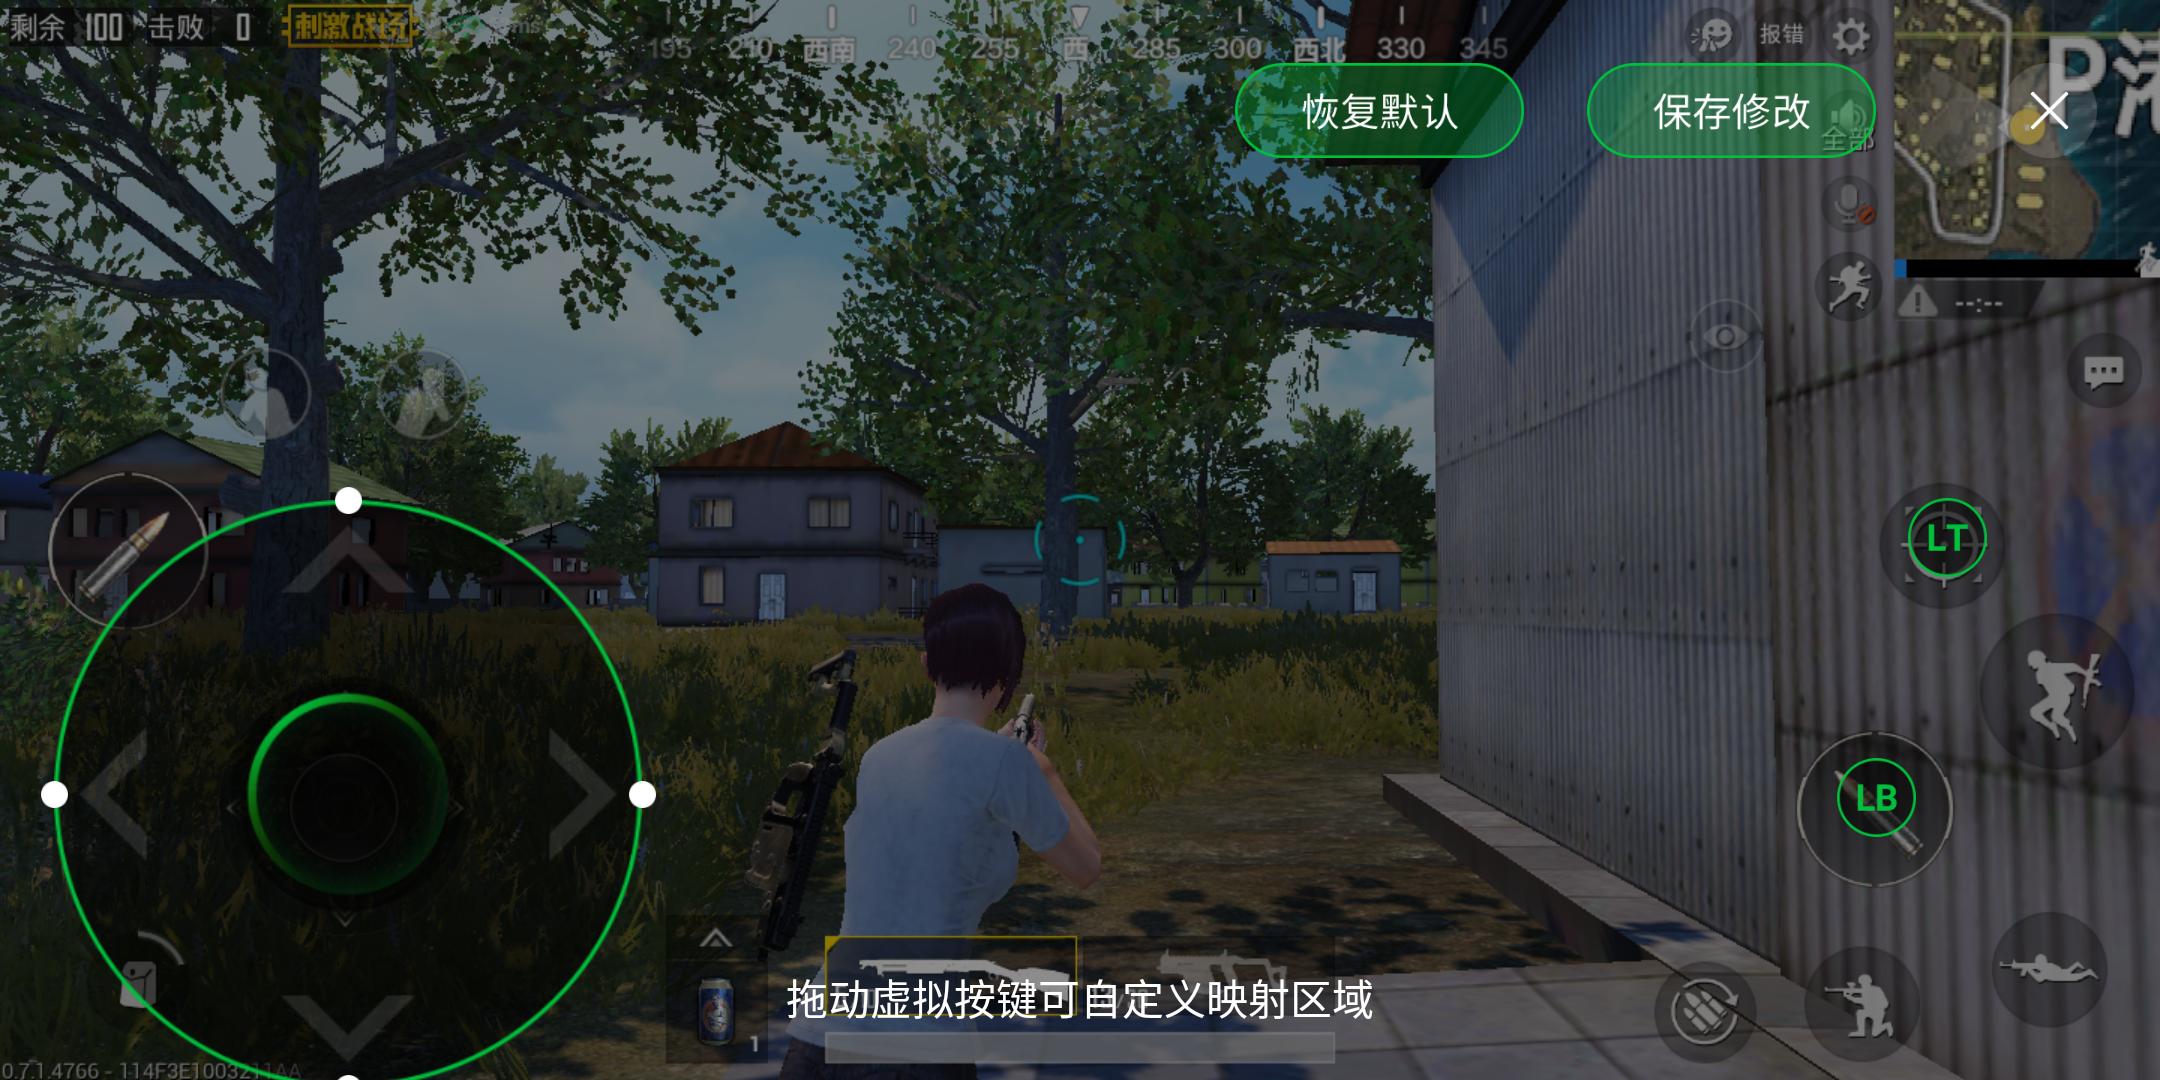 Screenshot_2018-06-05-14-46-10-577_com.tencent.tmgp.pubgmhd.png